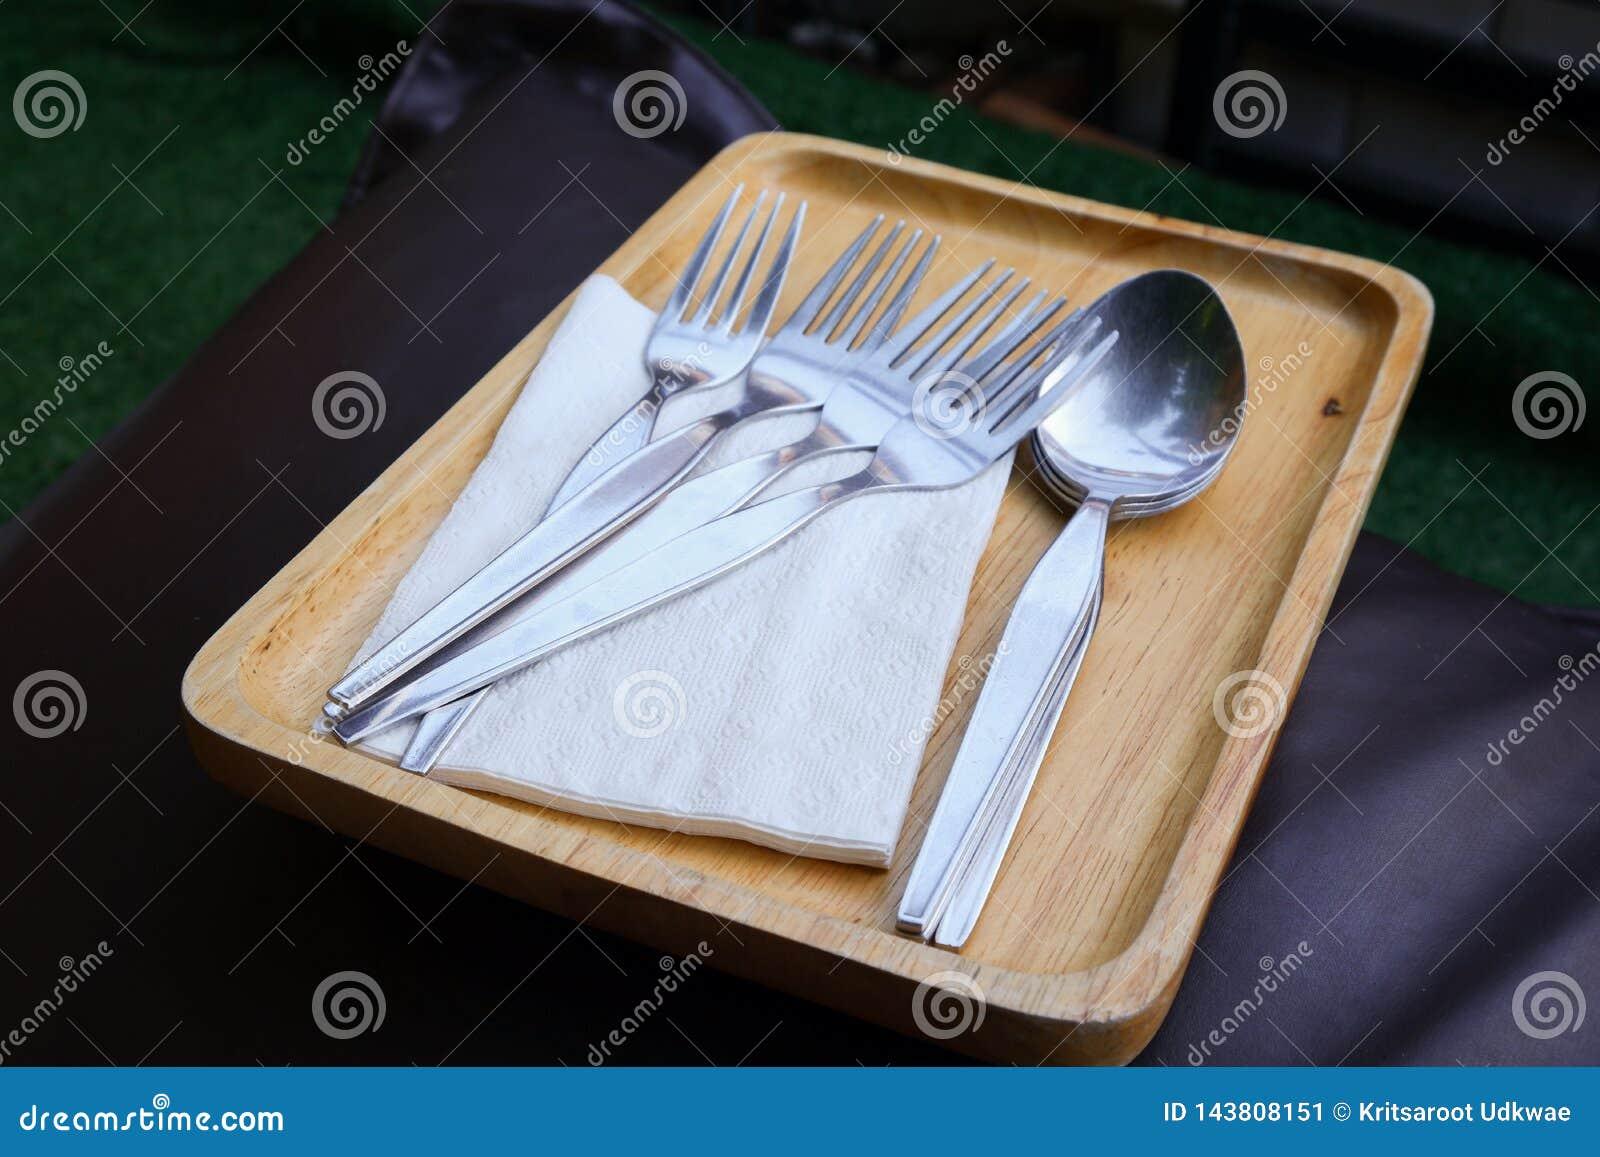 Fourchettes, cuillères, et papiers de soie de soie sur le plateau en bois